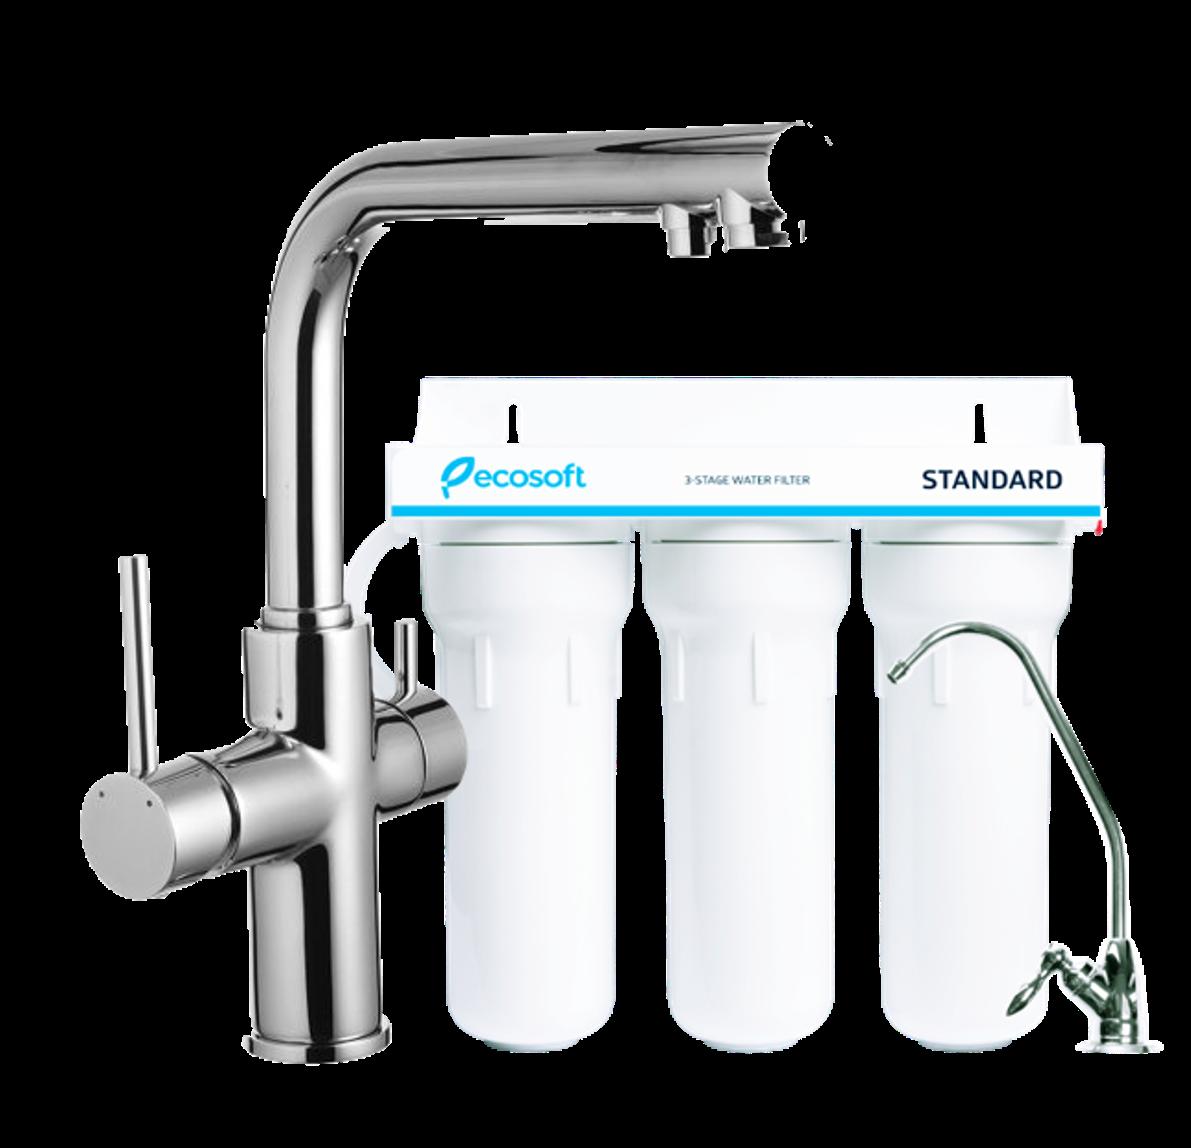 Смеситель для кухни Imprese Daicy в комплекте с системой очистки воды Ecosoft Standart